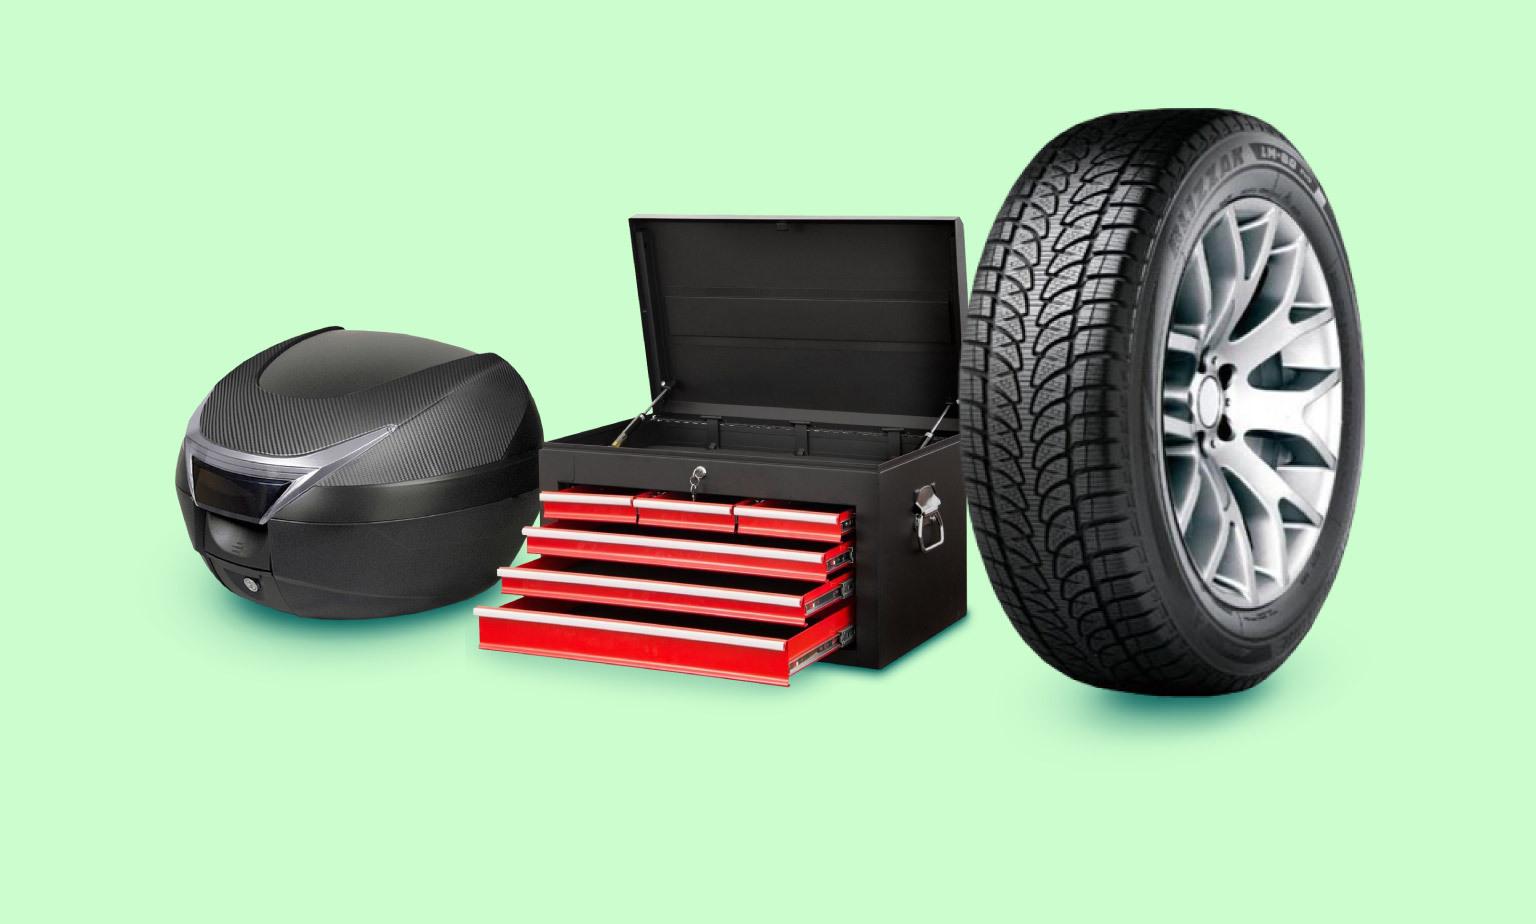 Ricambi e accessori Auto & Moto